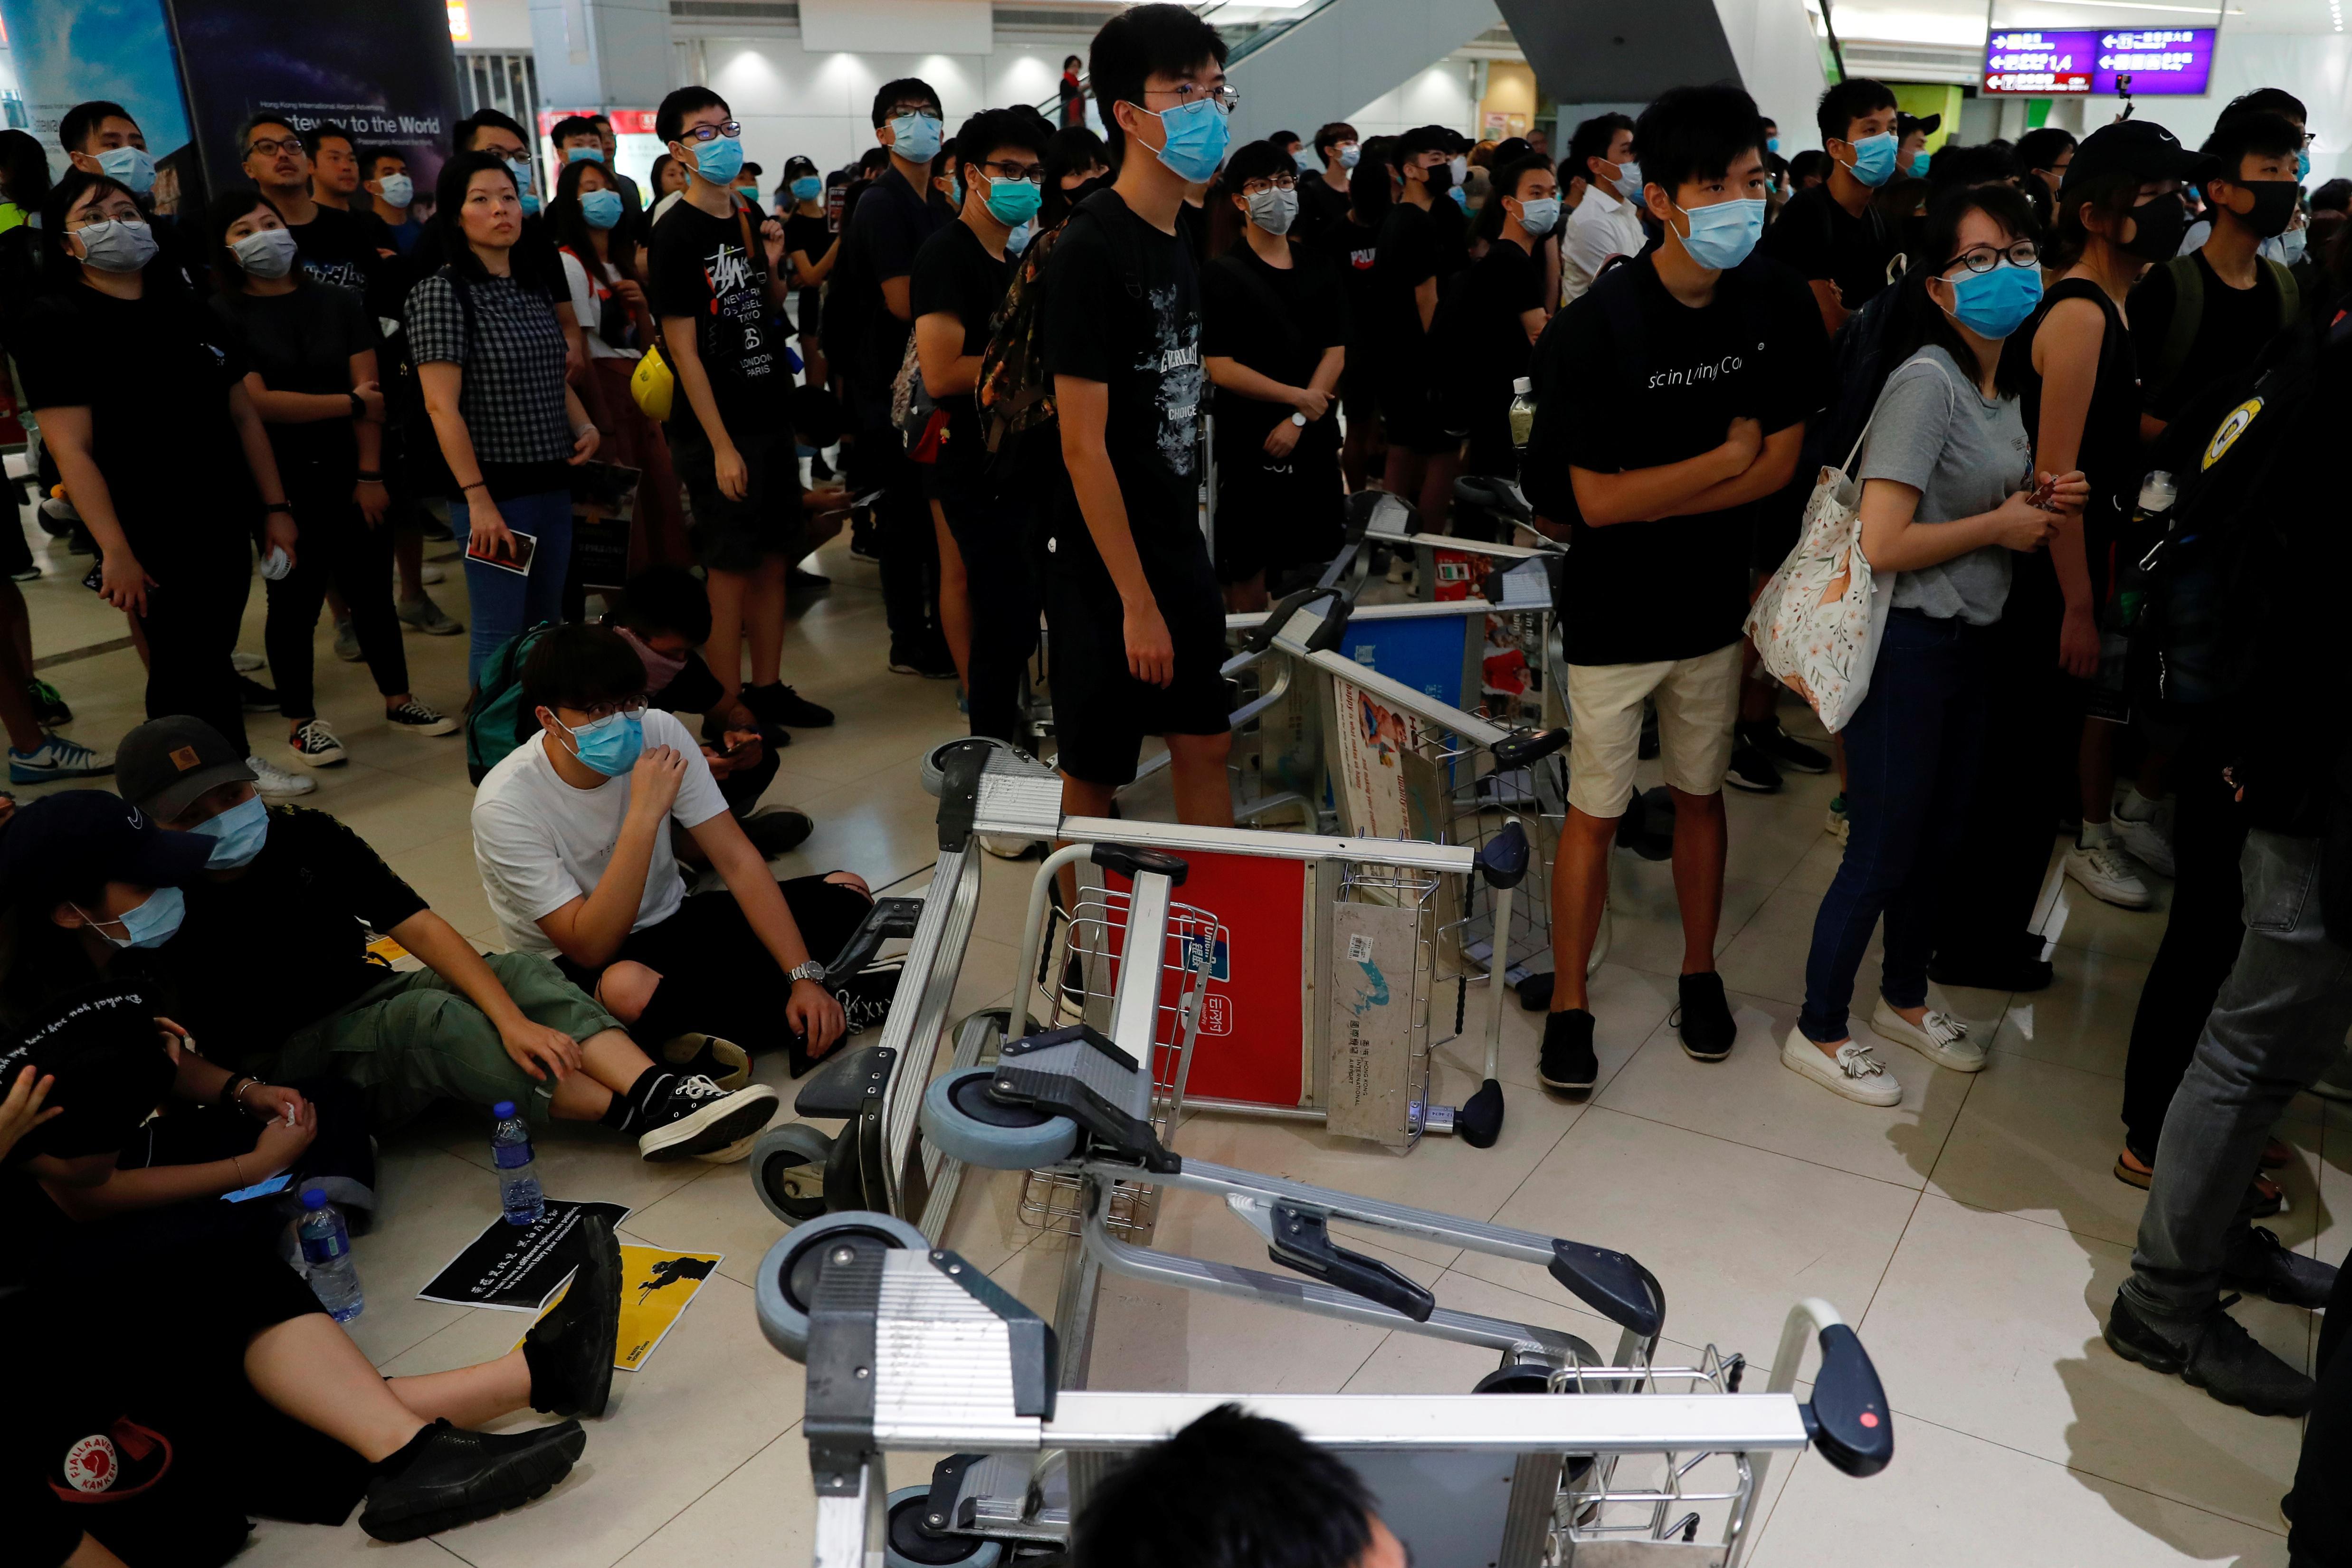 L'aéroport de Hong Kong suspend l'enregistrement alors que le chef déplore la panique et le chaos